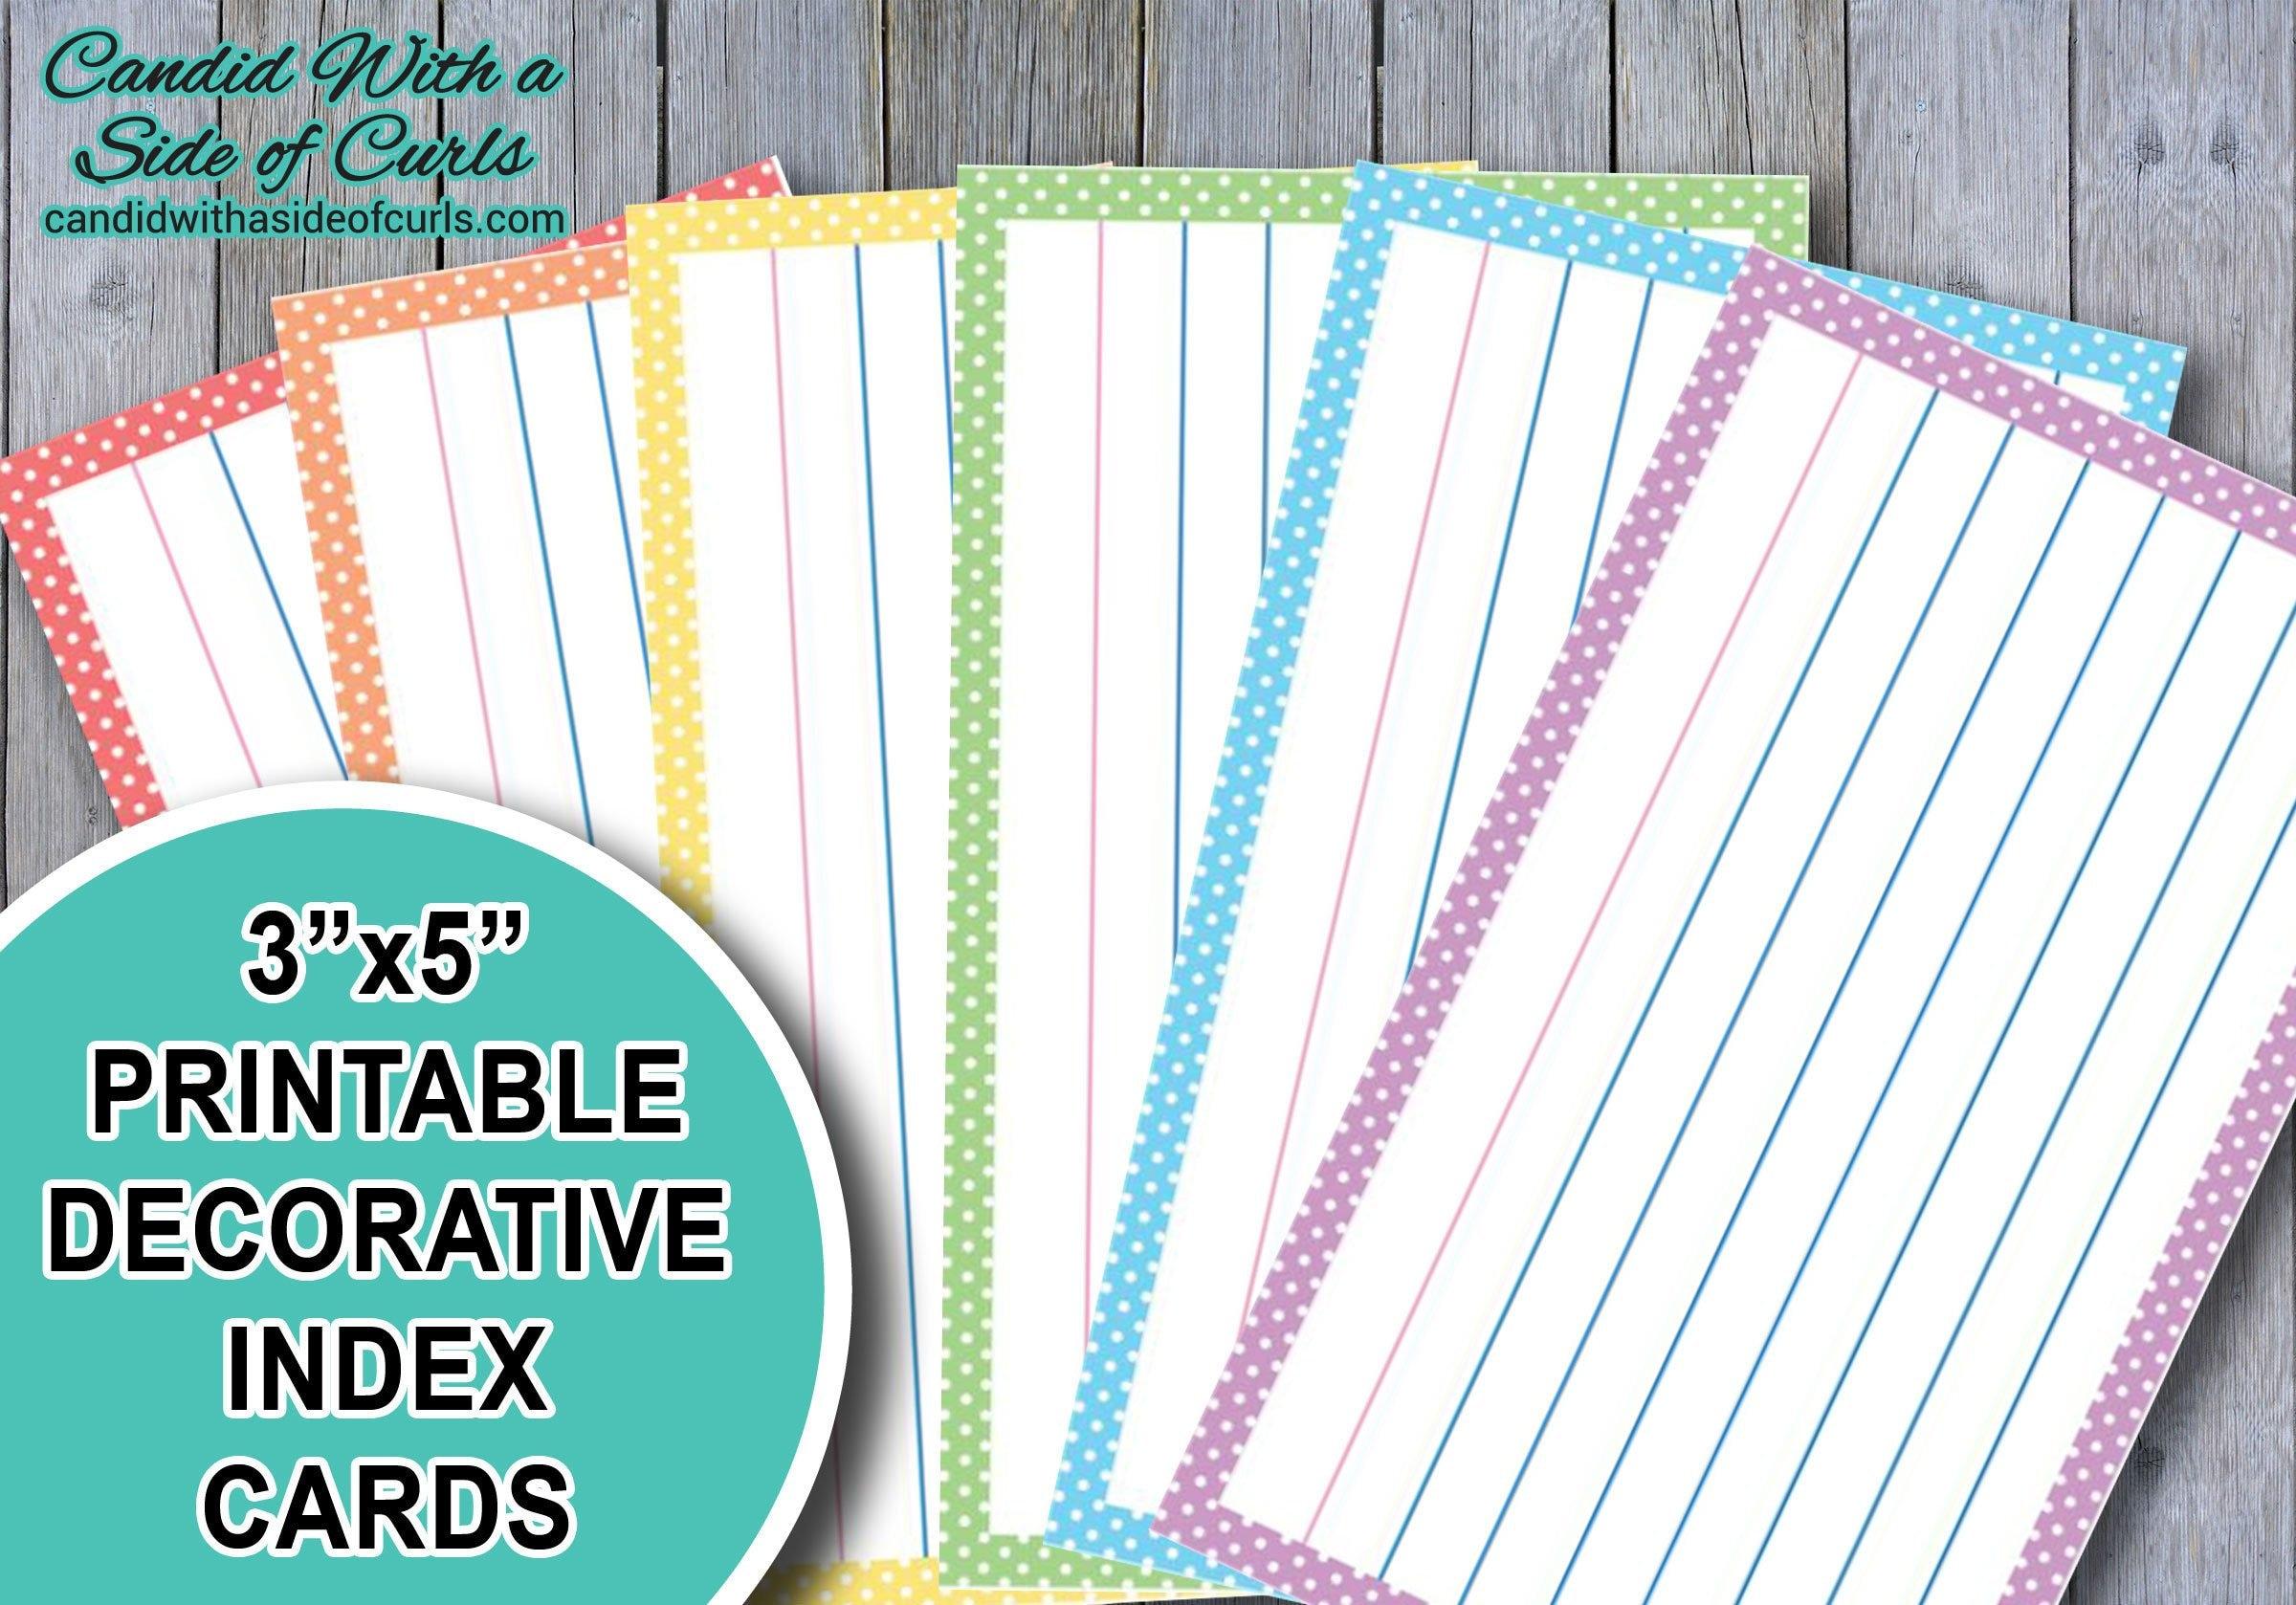 225x25 Druckbare dekorative Pastell Karteikarten Intended For 3 X 5 Index Card Template